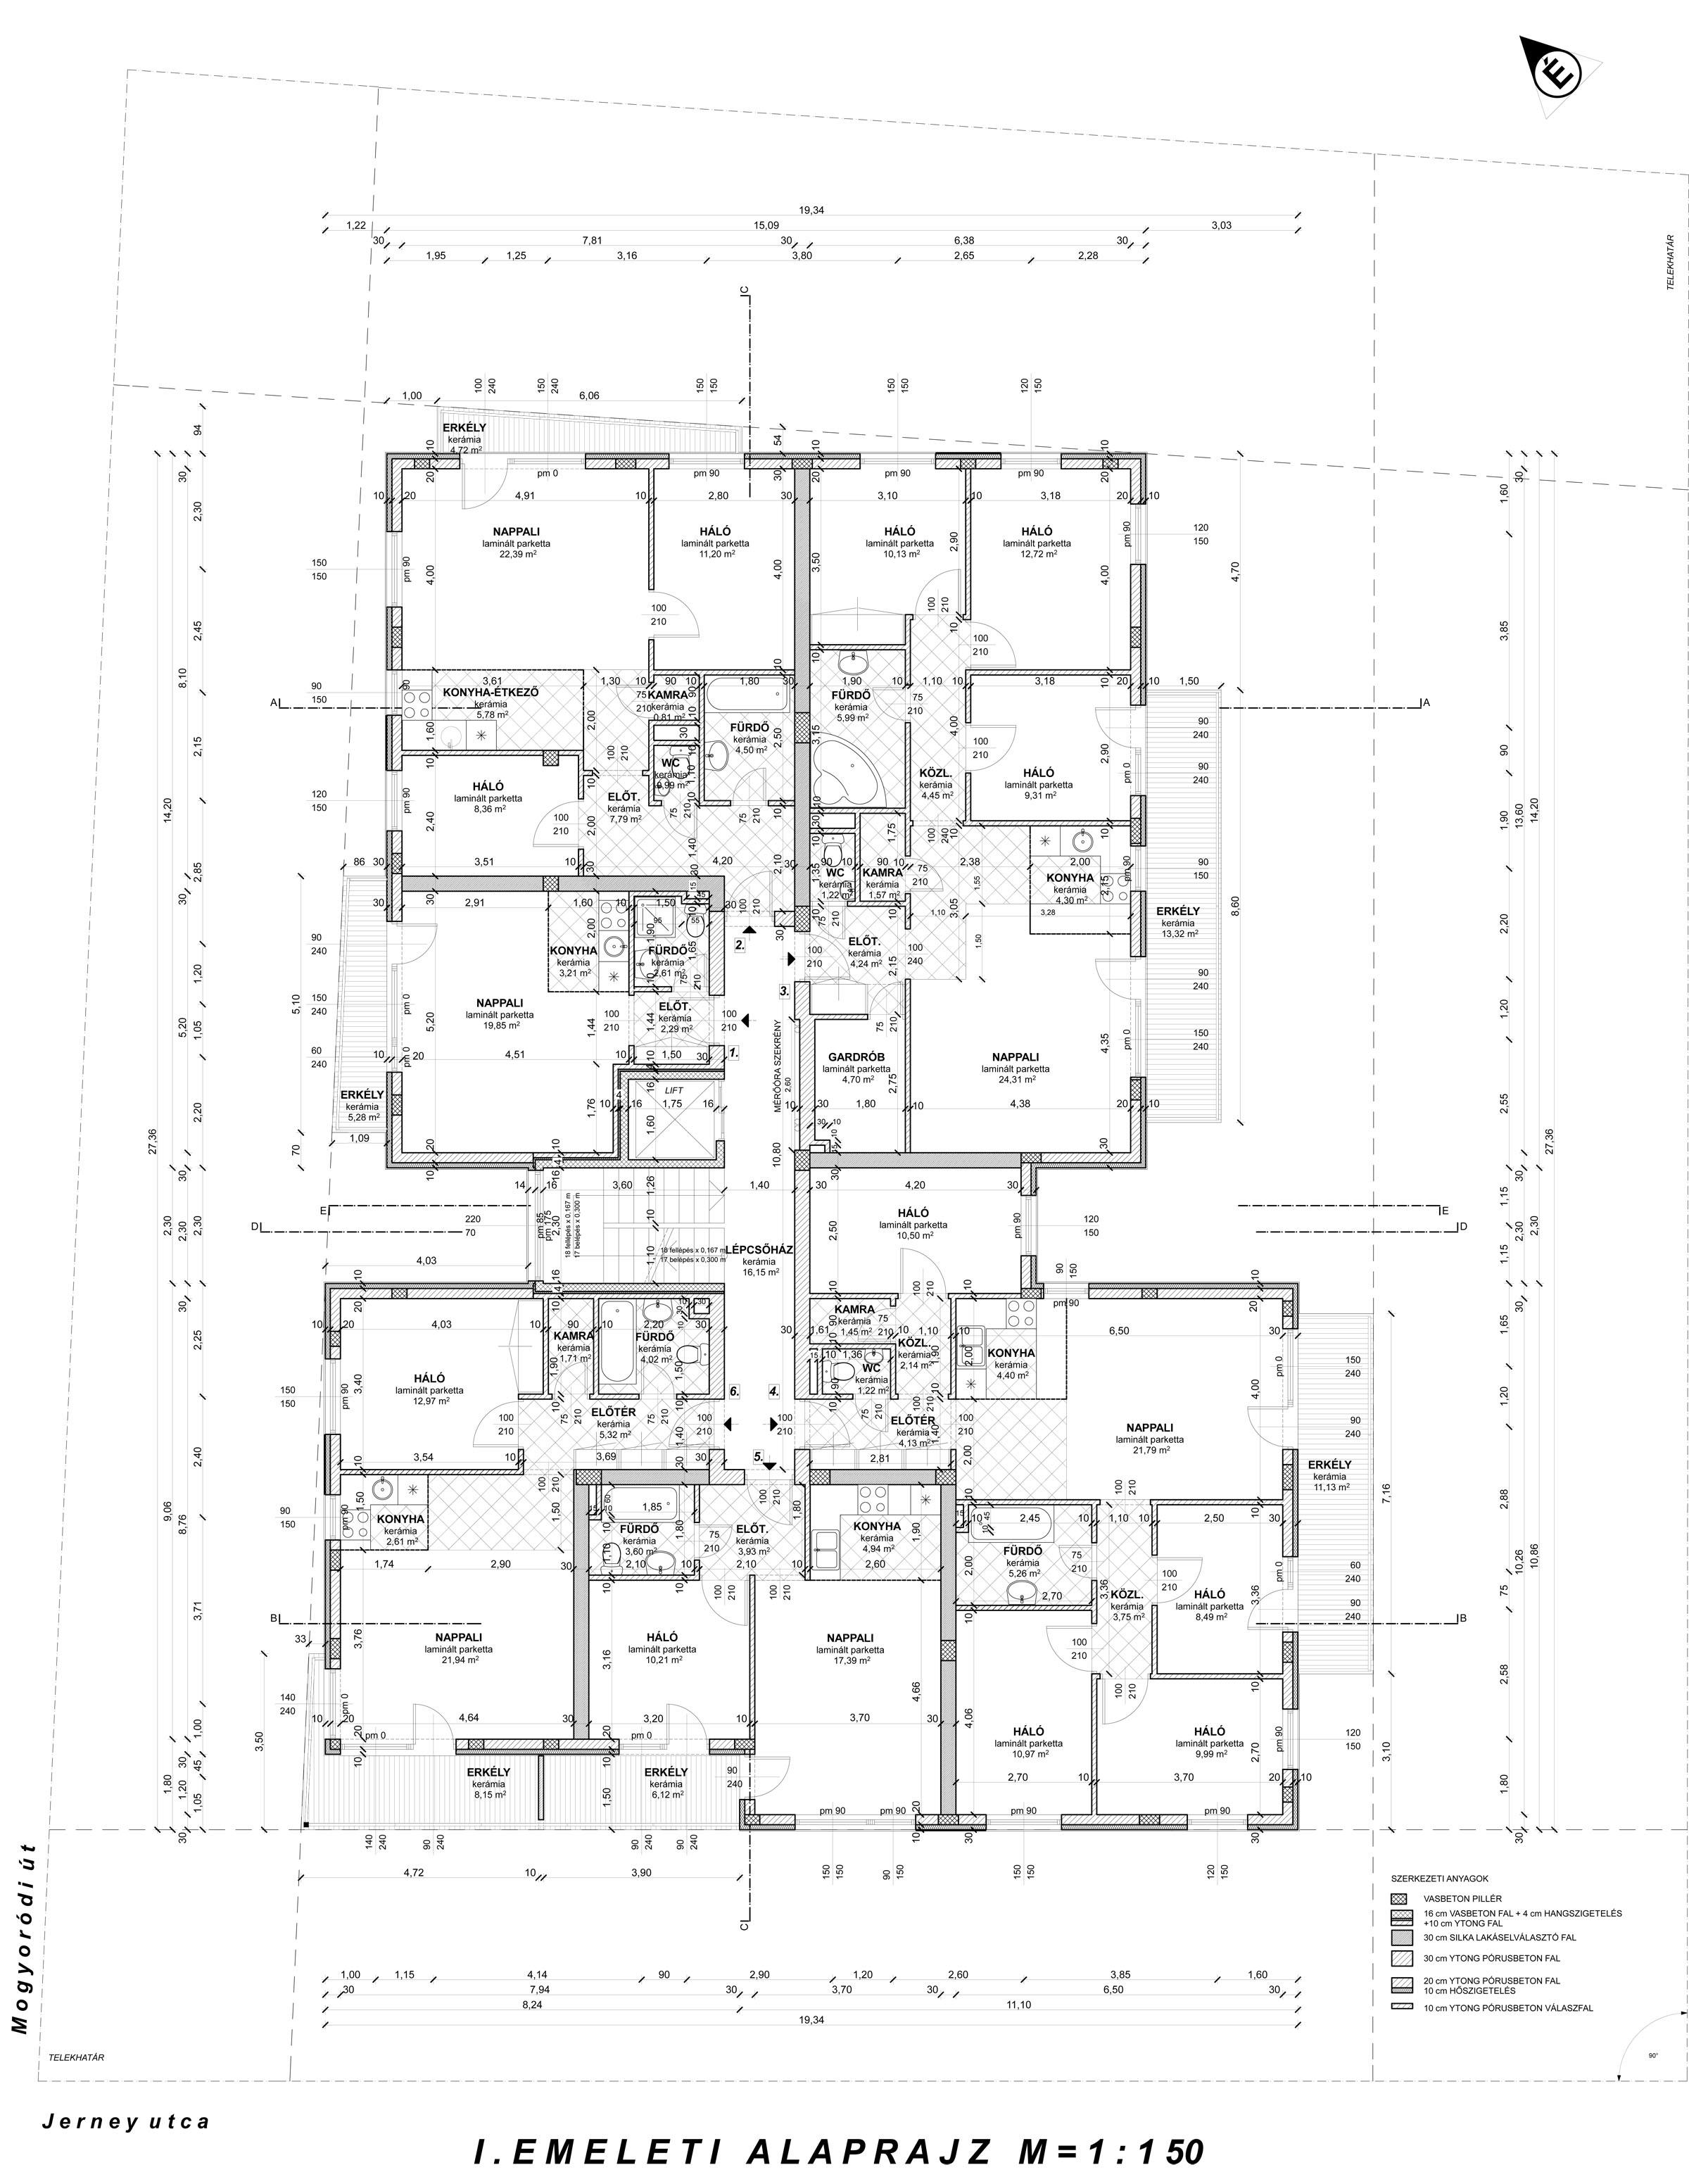 Szintalaprajz 1. emelet| Eladó energiatakarékos lakás Zuglóban